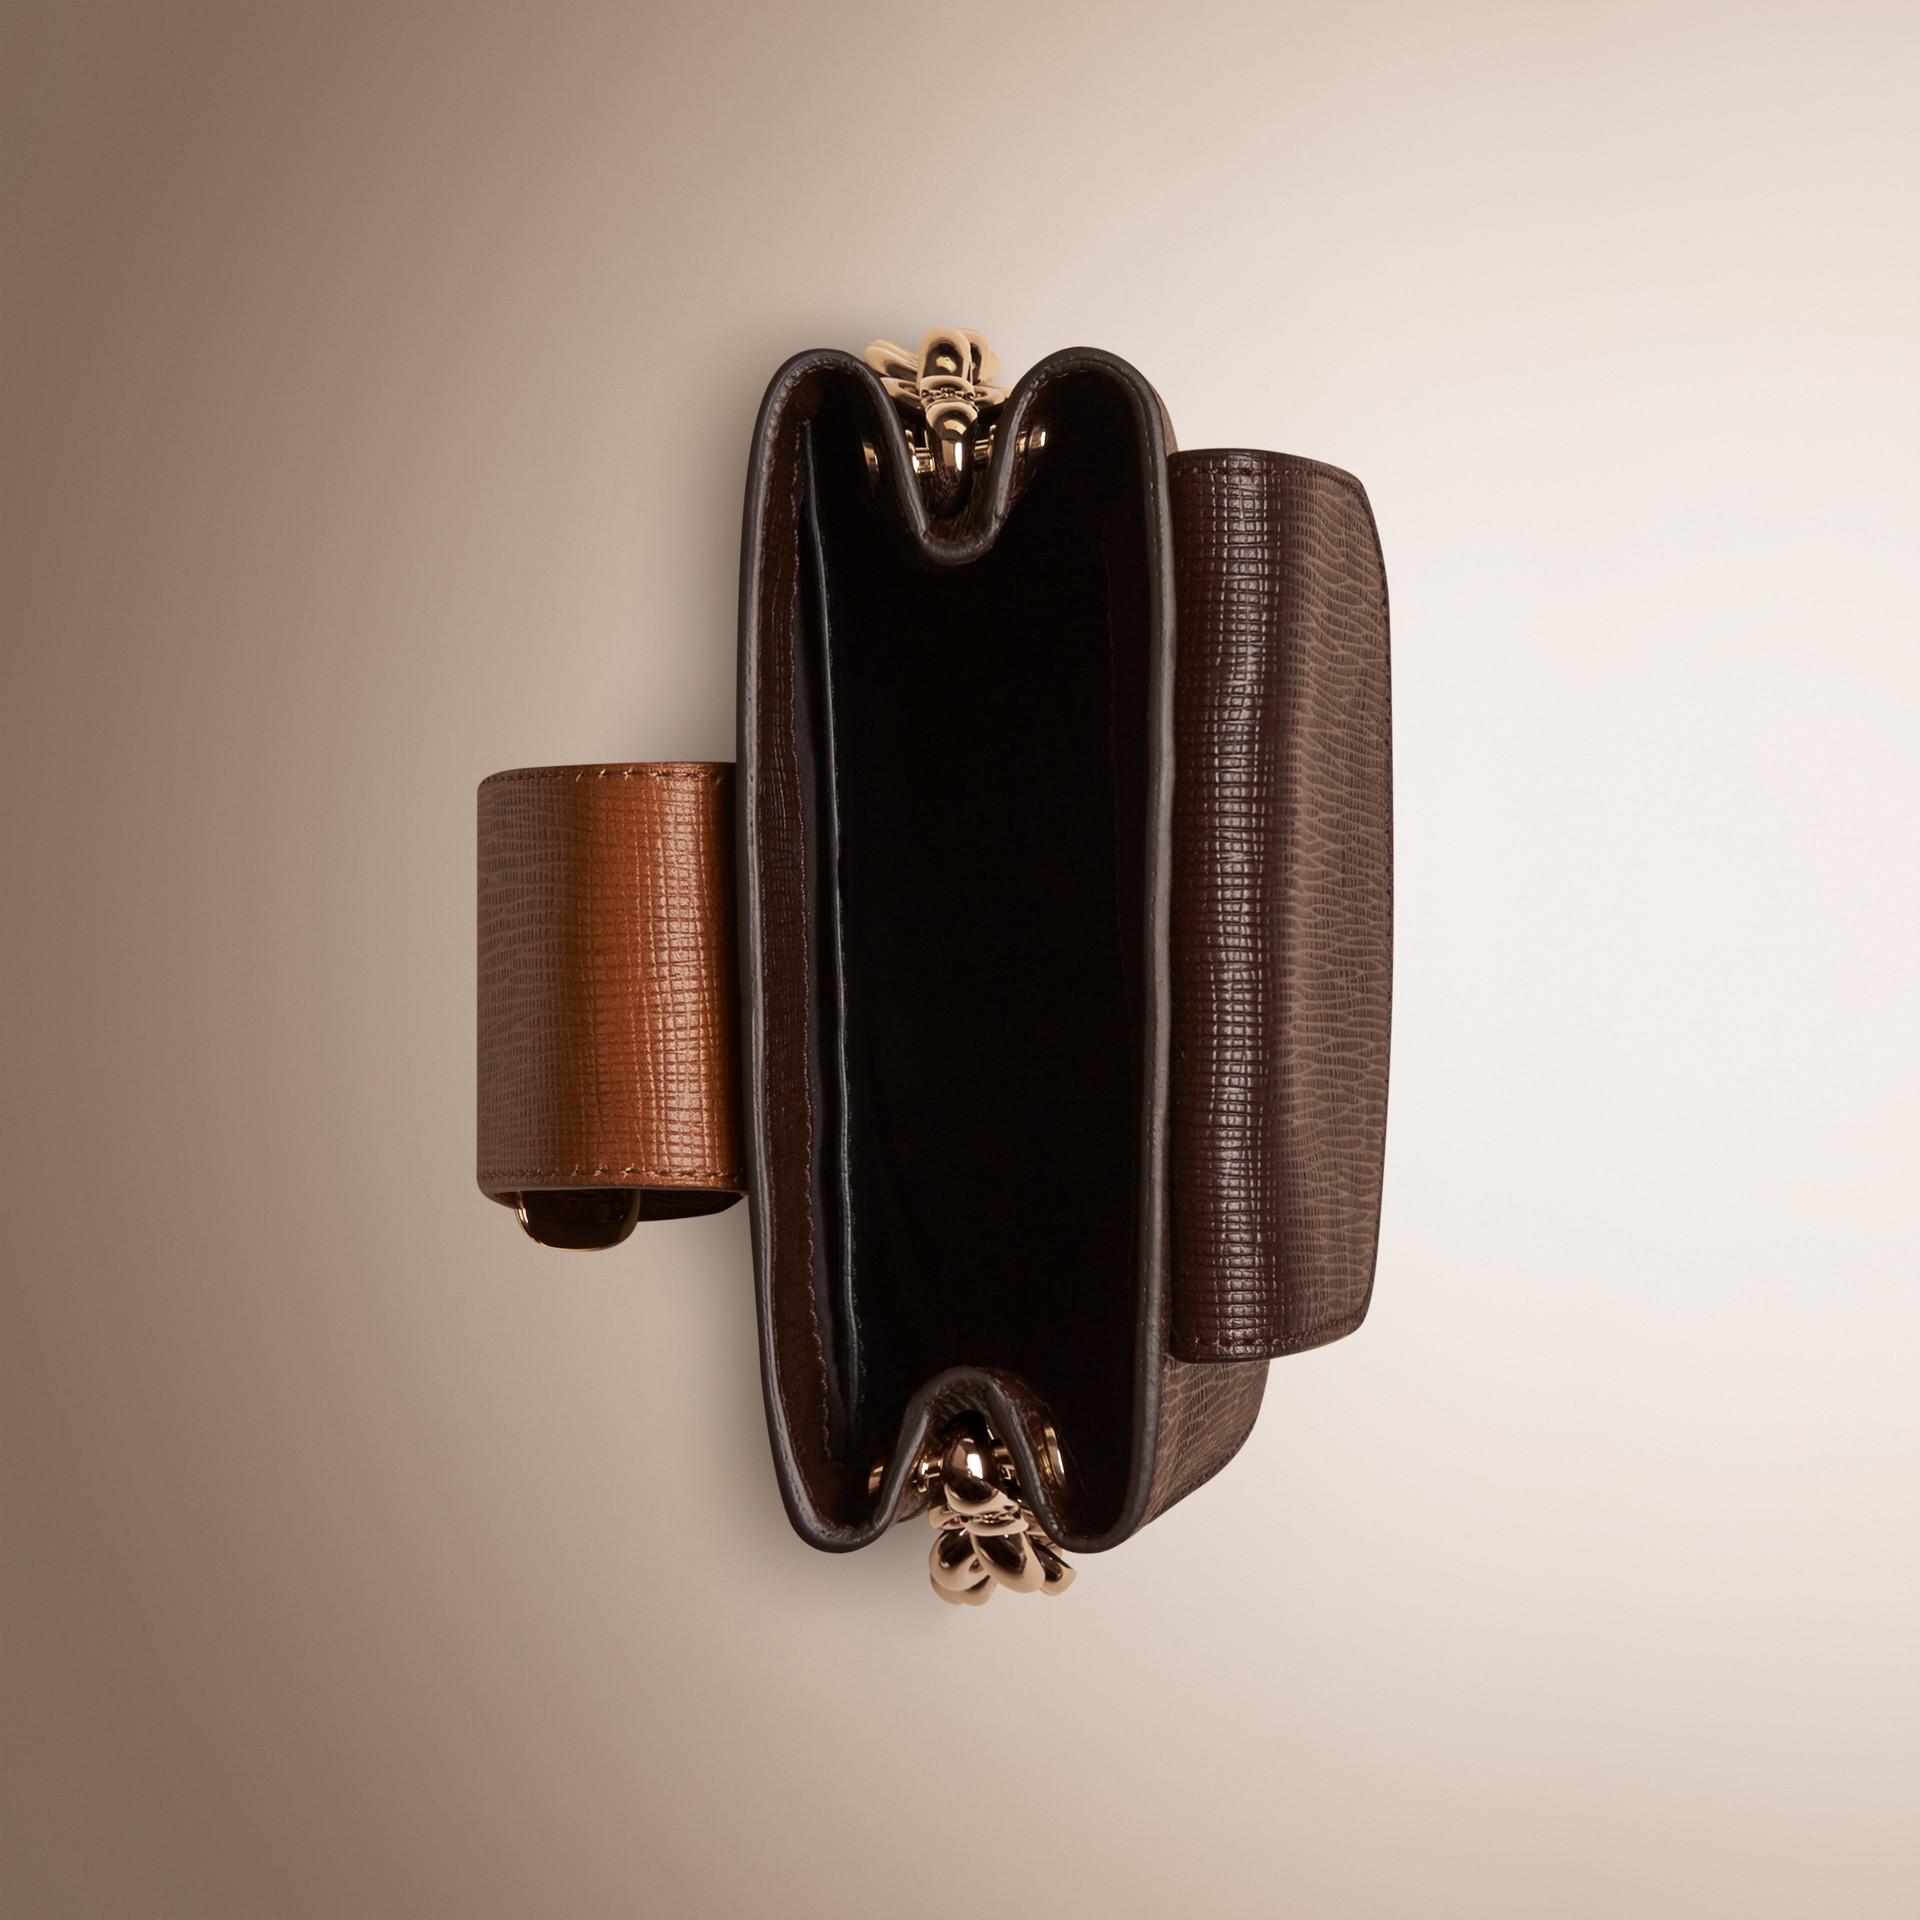 Marron girofle sombre Petit sac The Buckle carré en cuir texturé - photo de la galerie 4